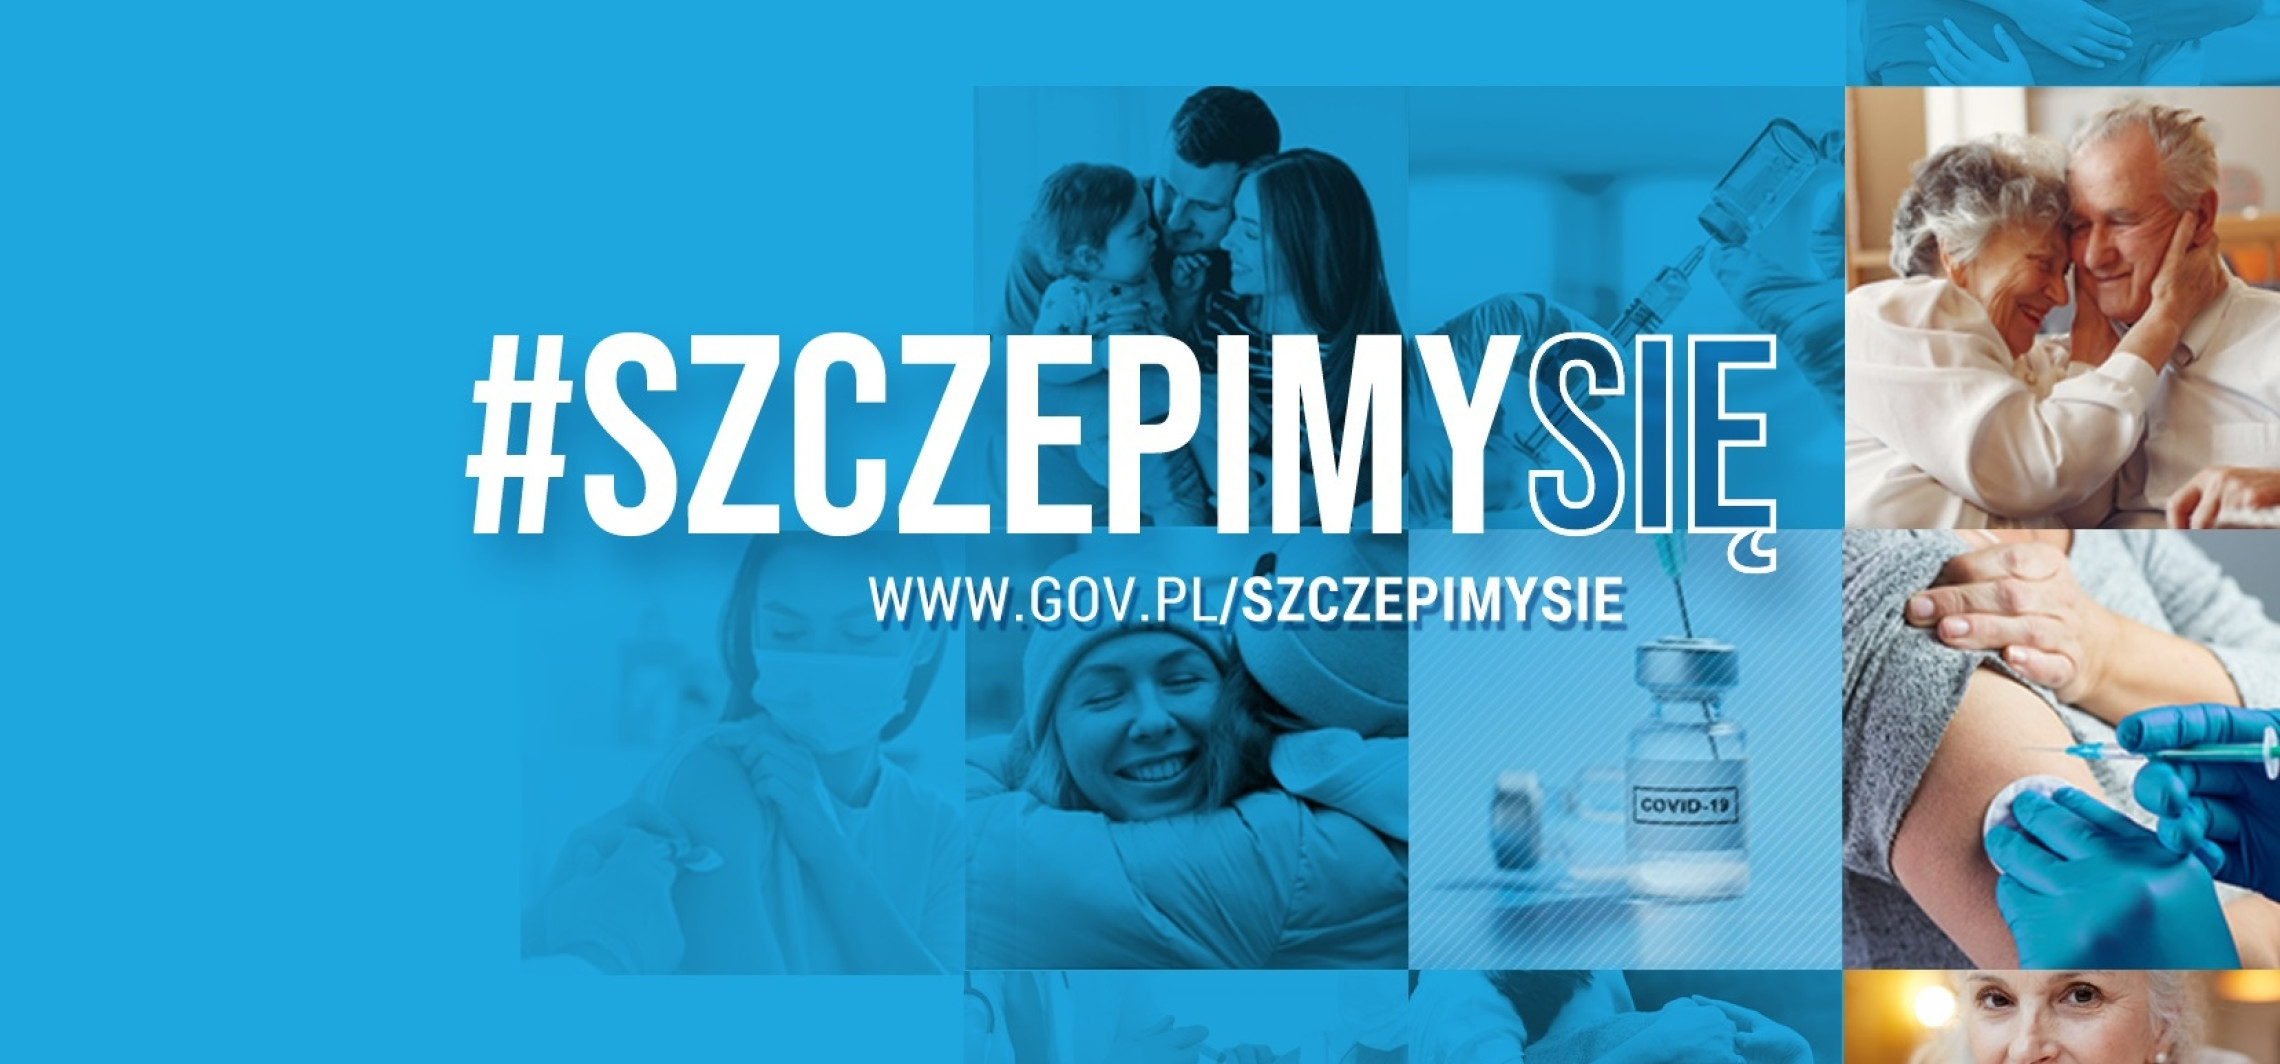 Inowrocław - Narodowy Program Szczepień przyspiesza